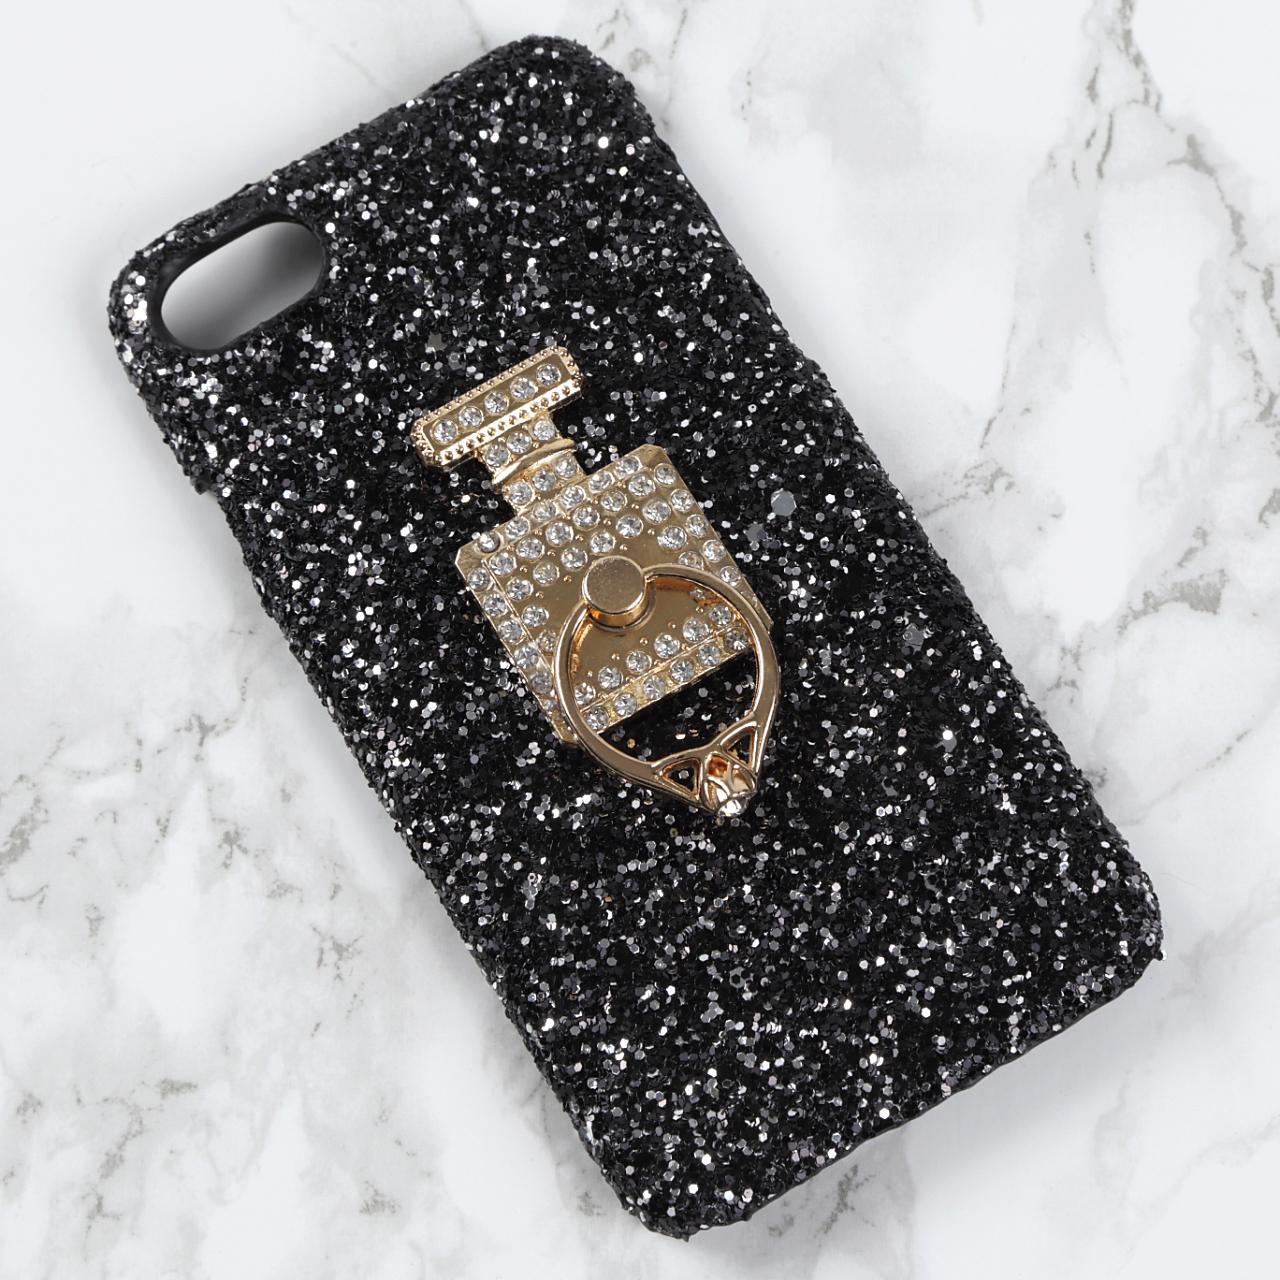 【送料無料】グリッターハードケース&香水ボトル&バンカーリング iPhoneケース